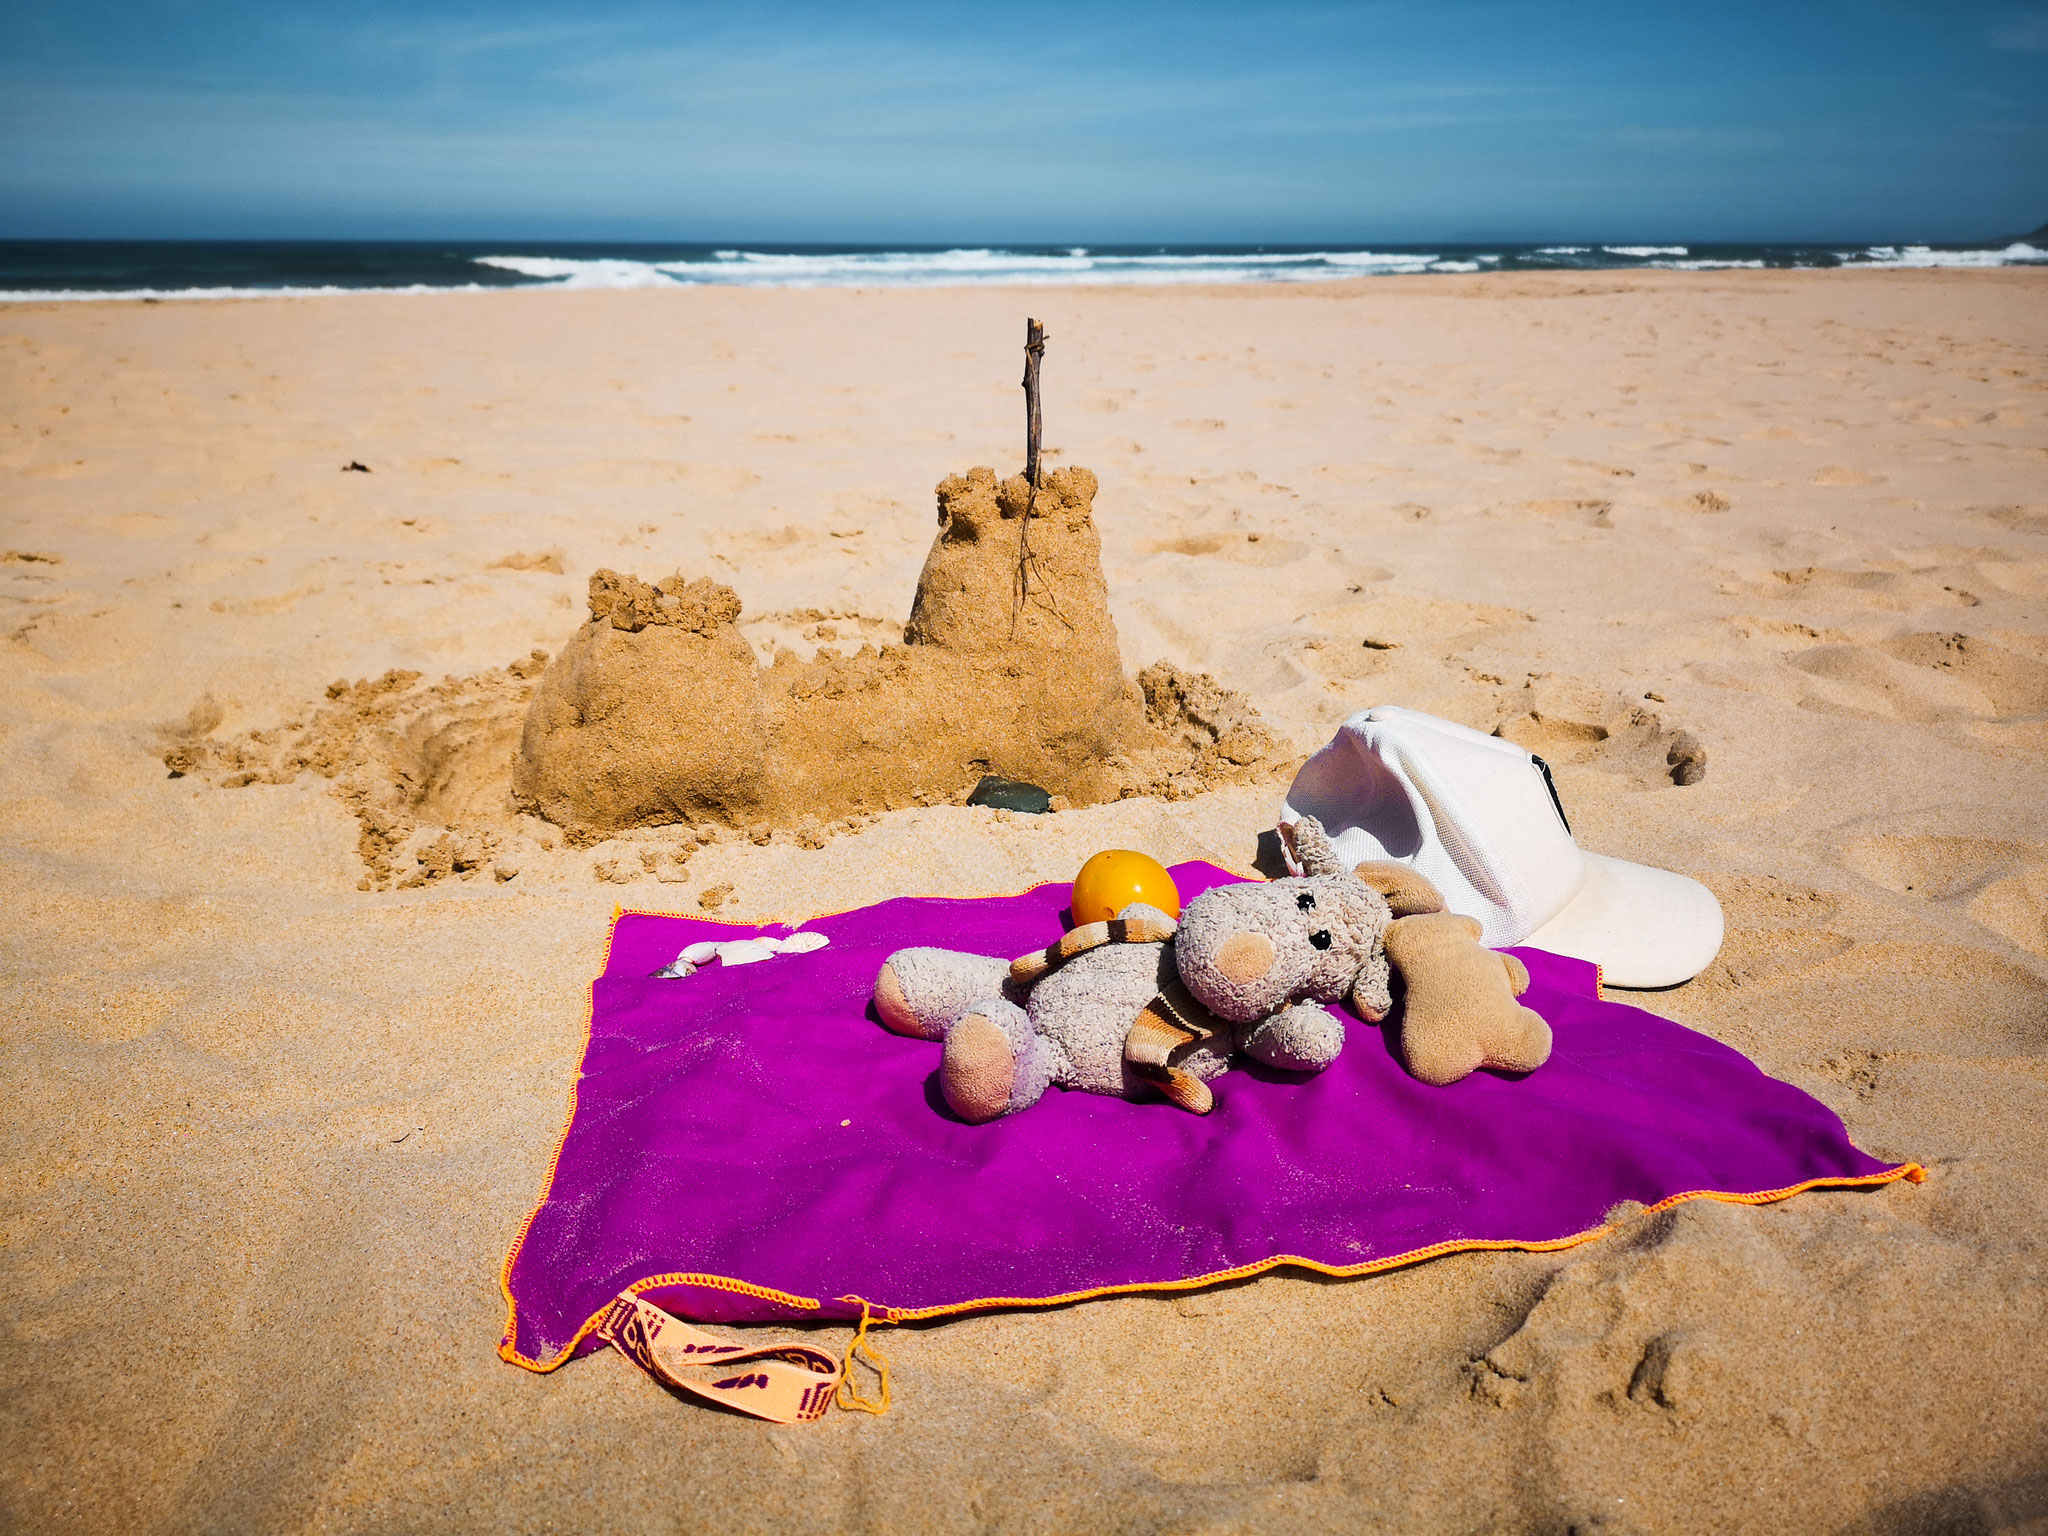 Ich bin ein echtes Beach Babe. Sandburgen bauen macht mir großen Spaß. (Südafrika)